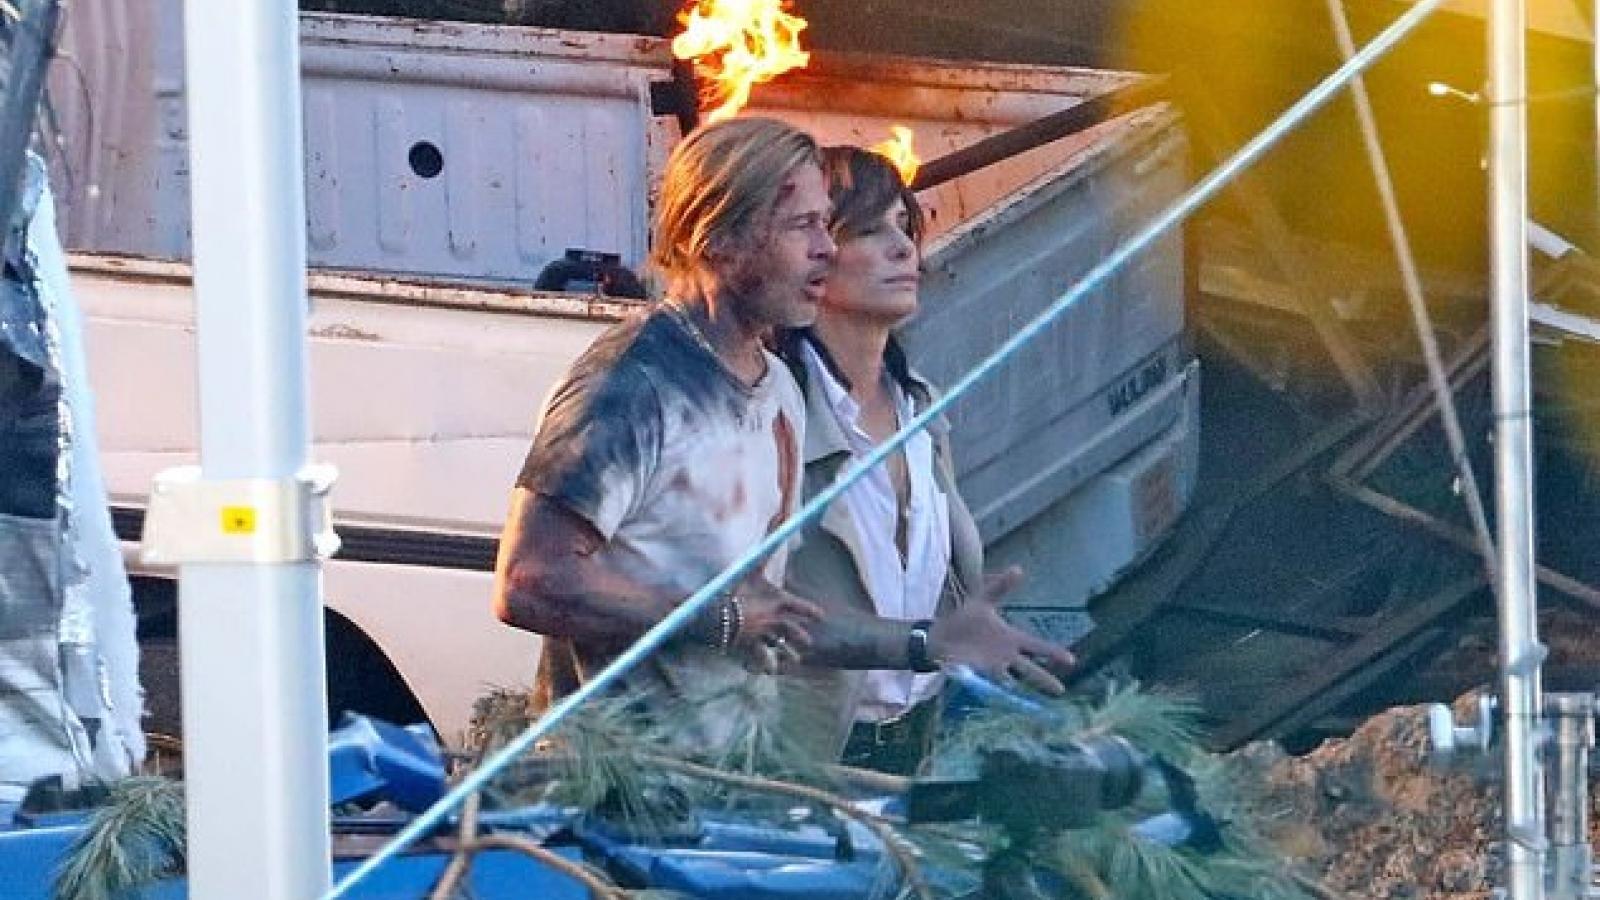 Brad Pitt xuất hiện với chiếc áo đầy máu tại phim trường